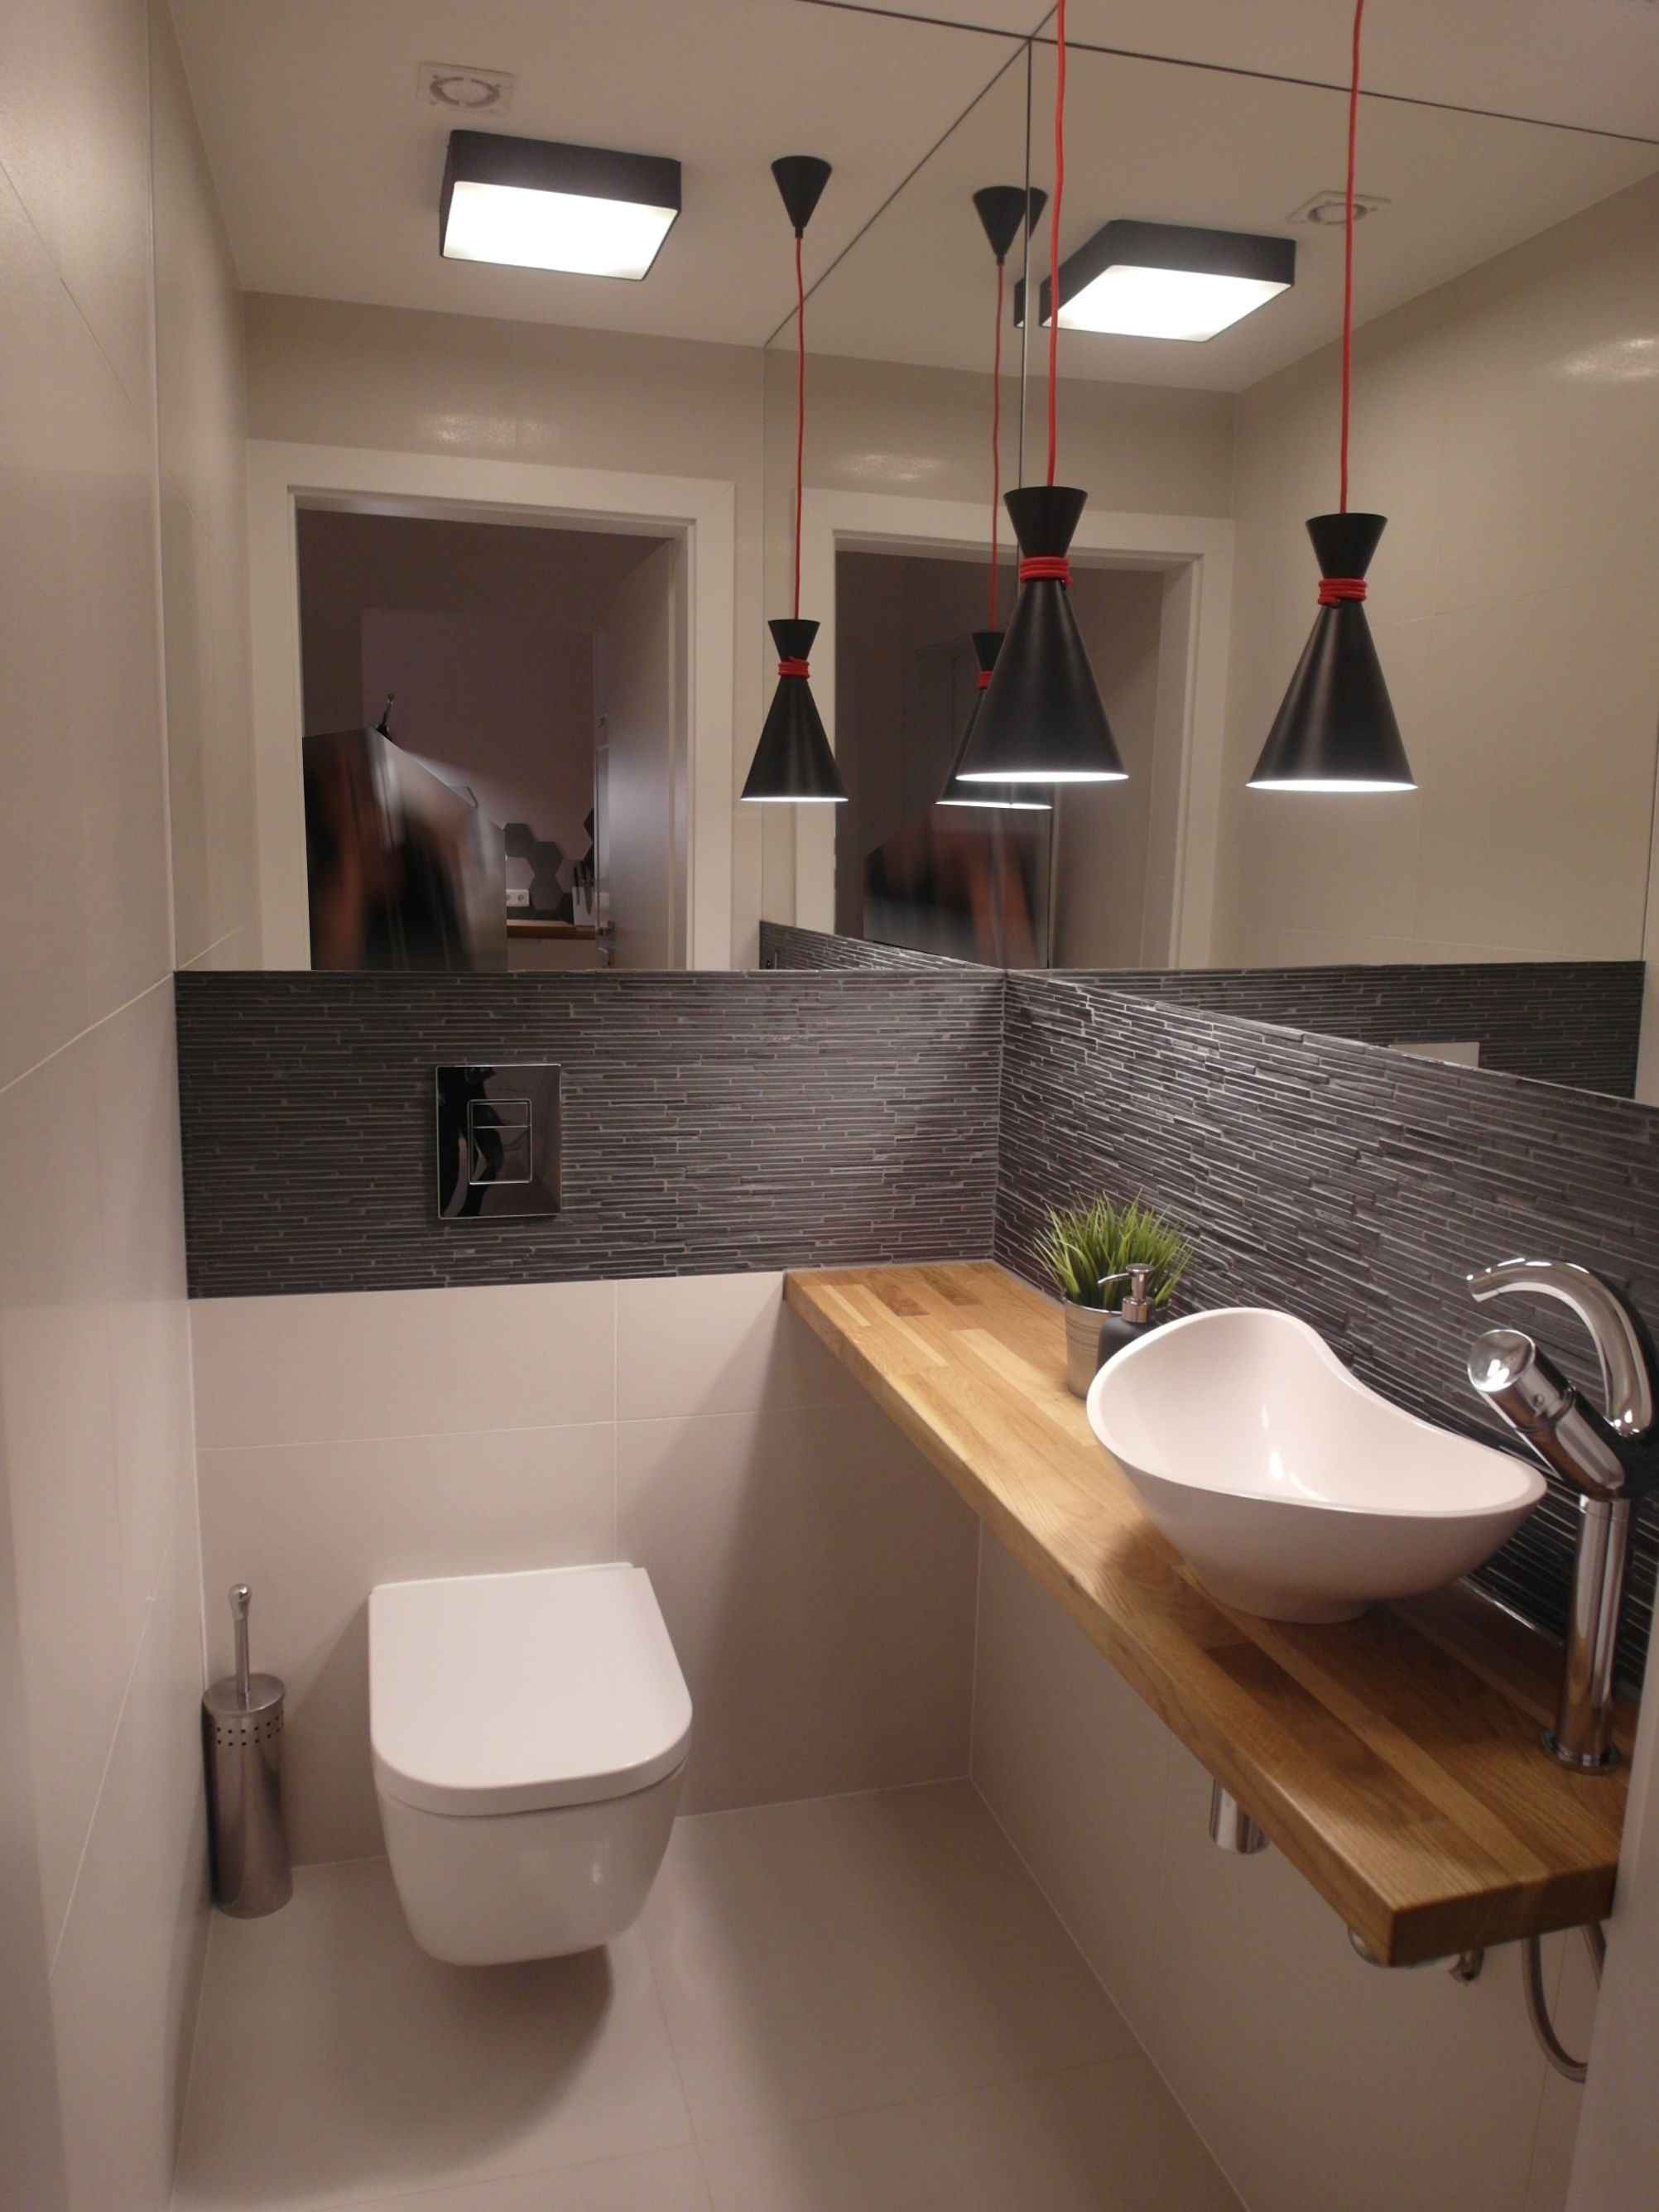 Bad Gaste Toilette Modern Wohnen Hausbau Moderne Kuche Wc Design Gaste Wc Modern